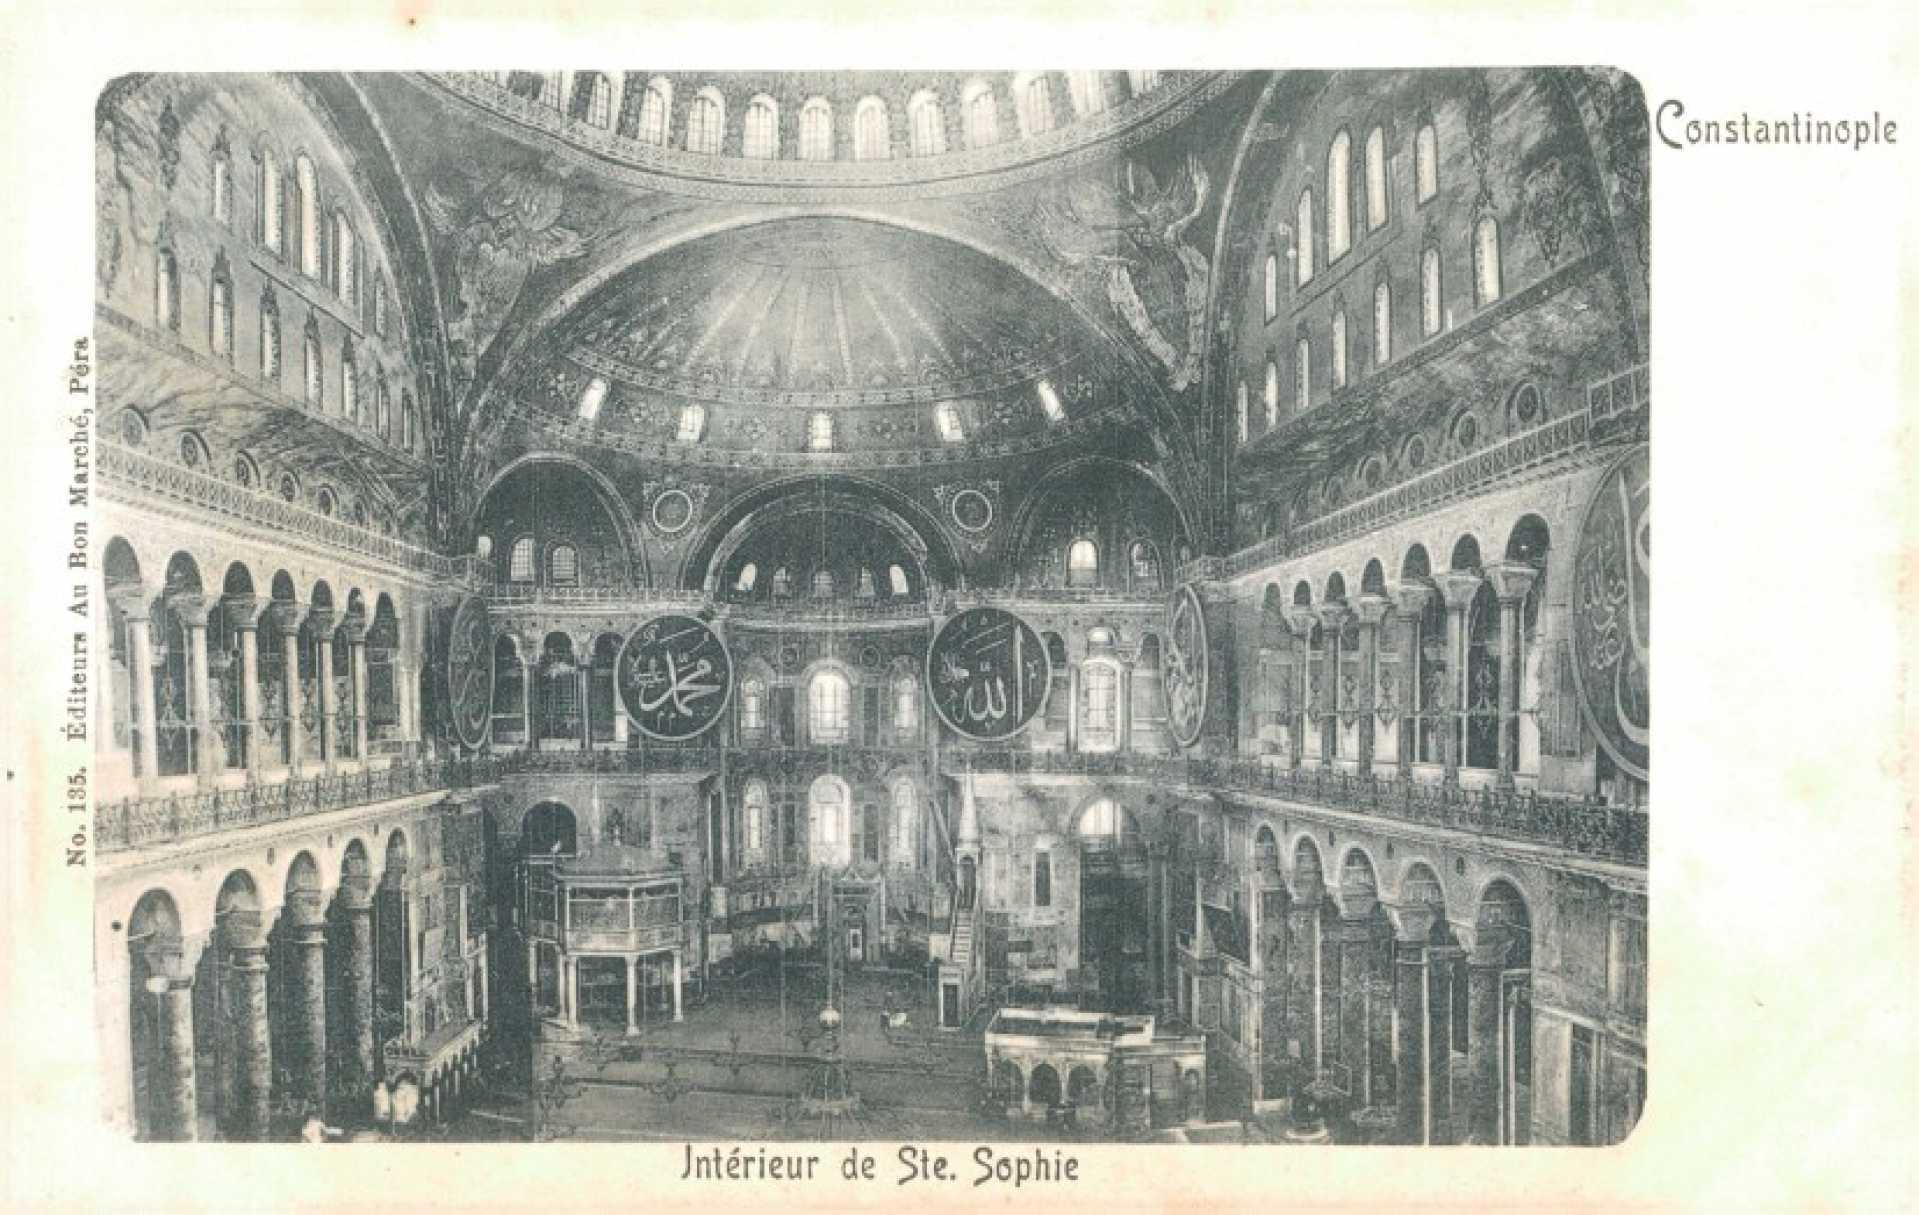 İnterieur de Ste. Sophie. Constantinople